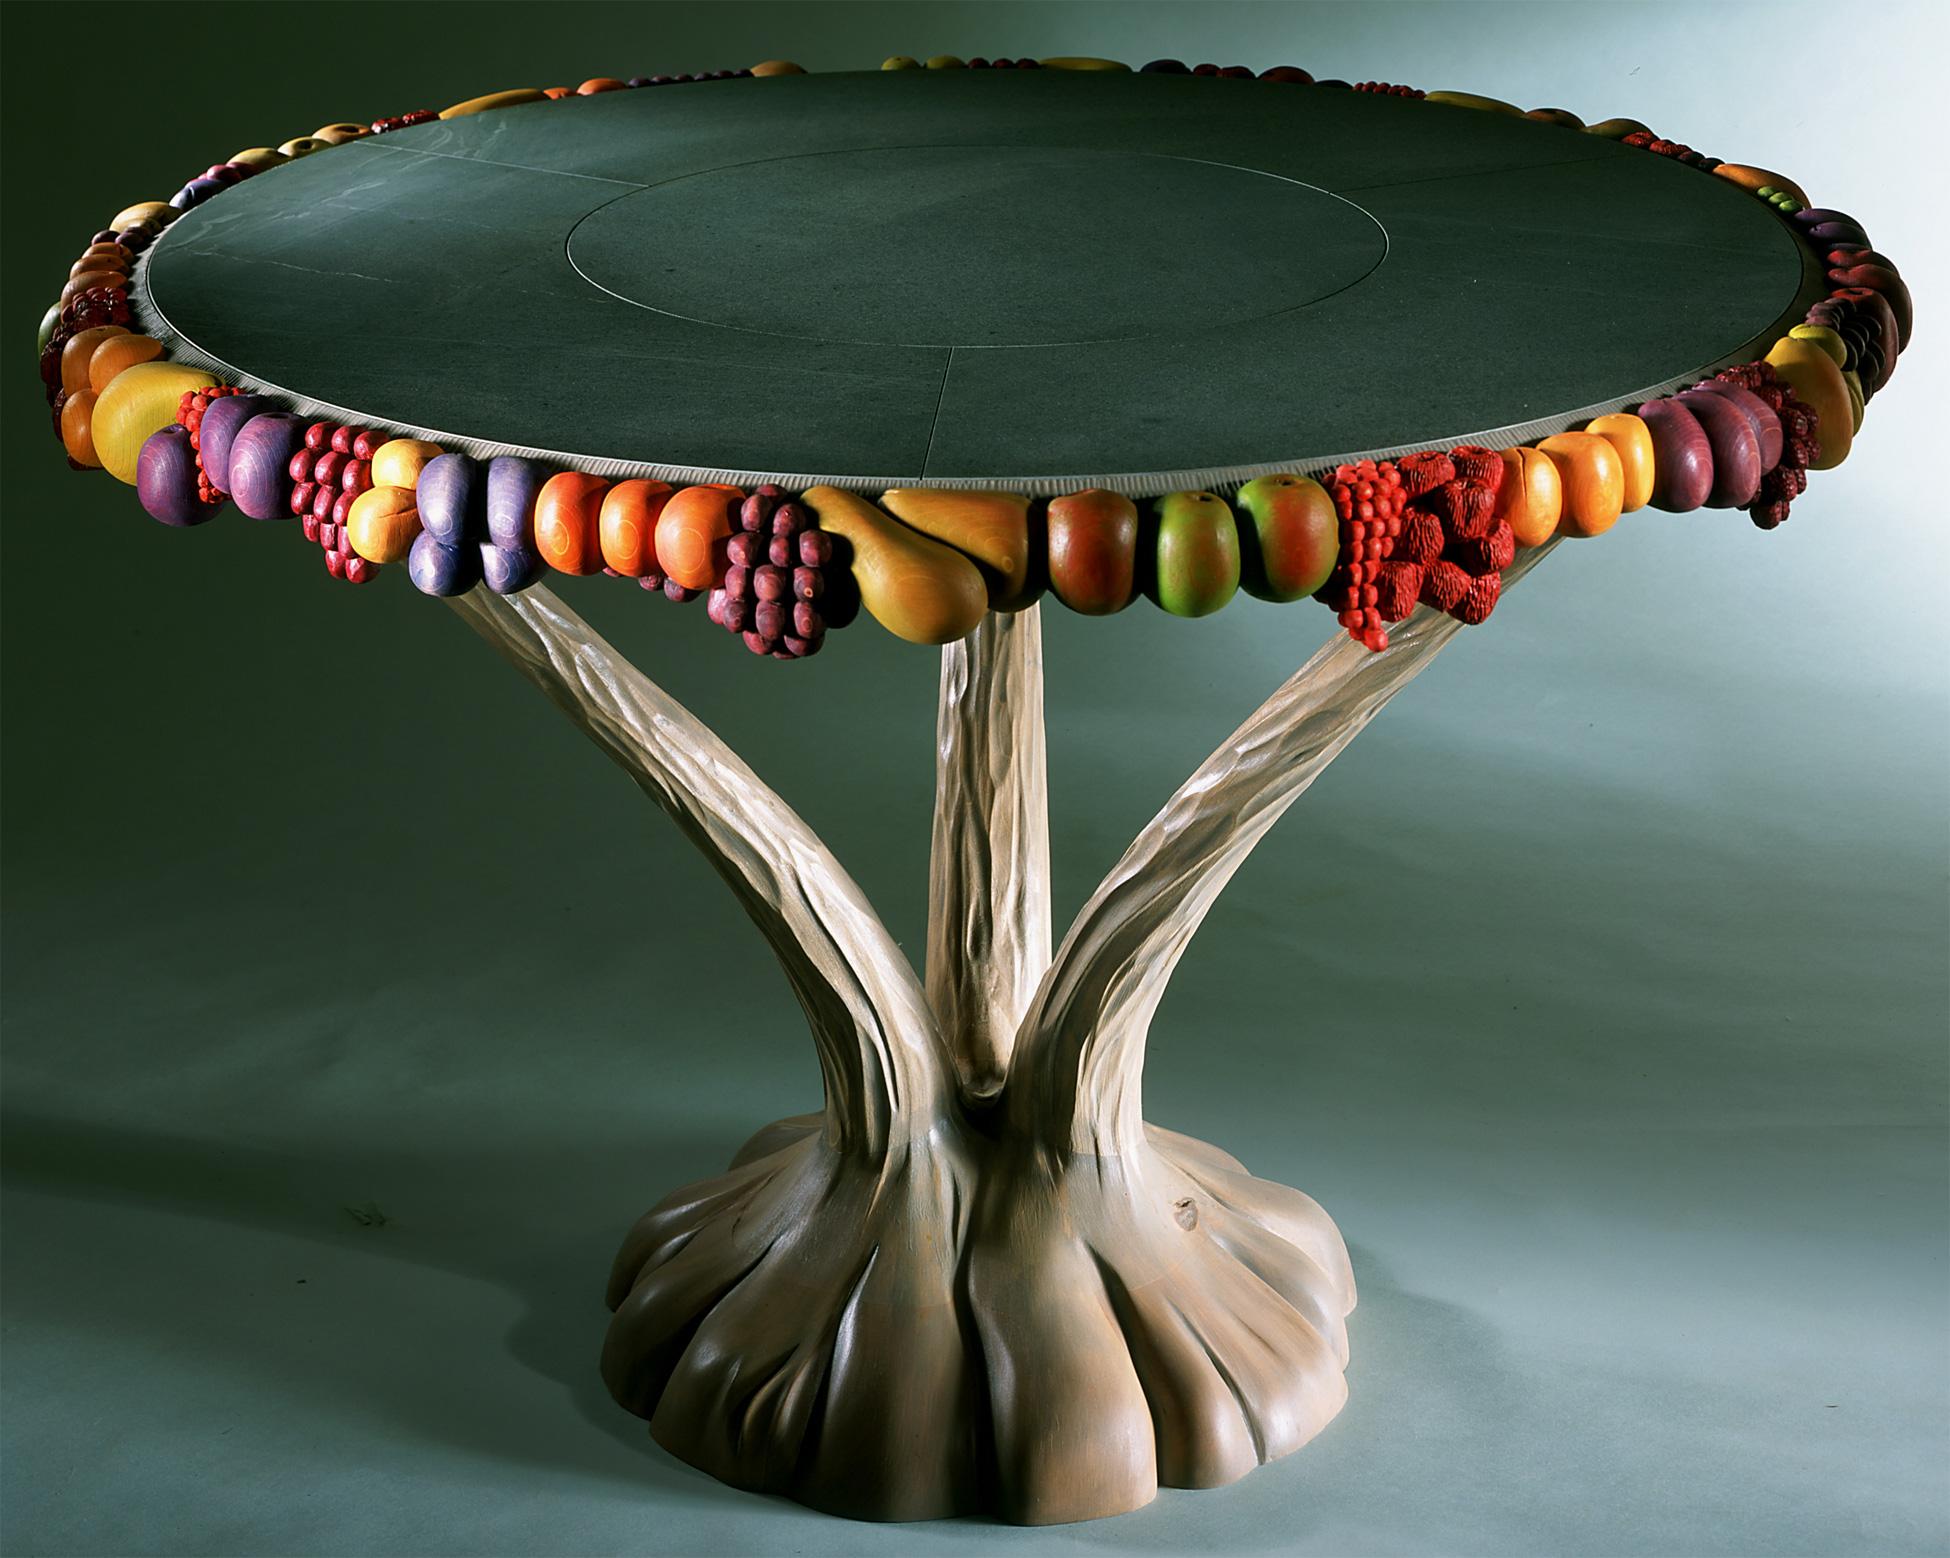 english-fruits-table-large